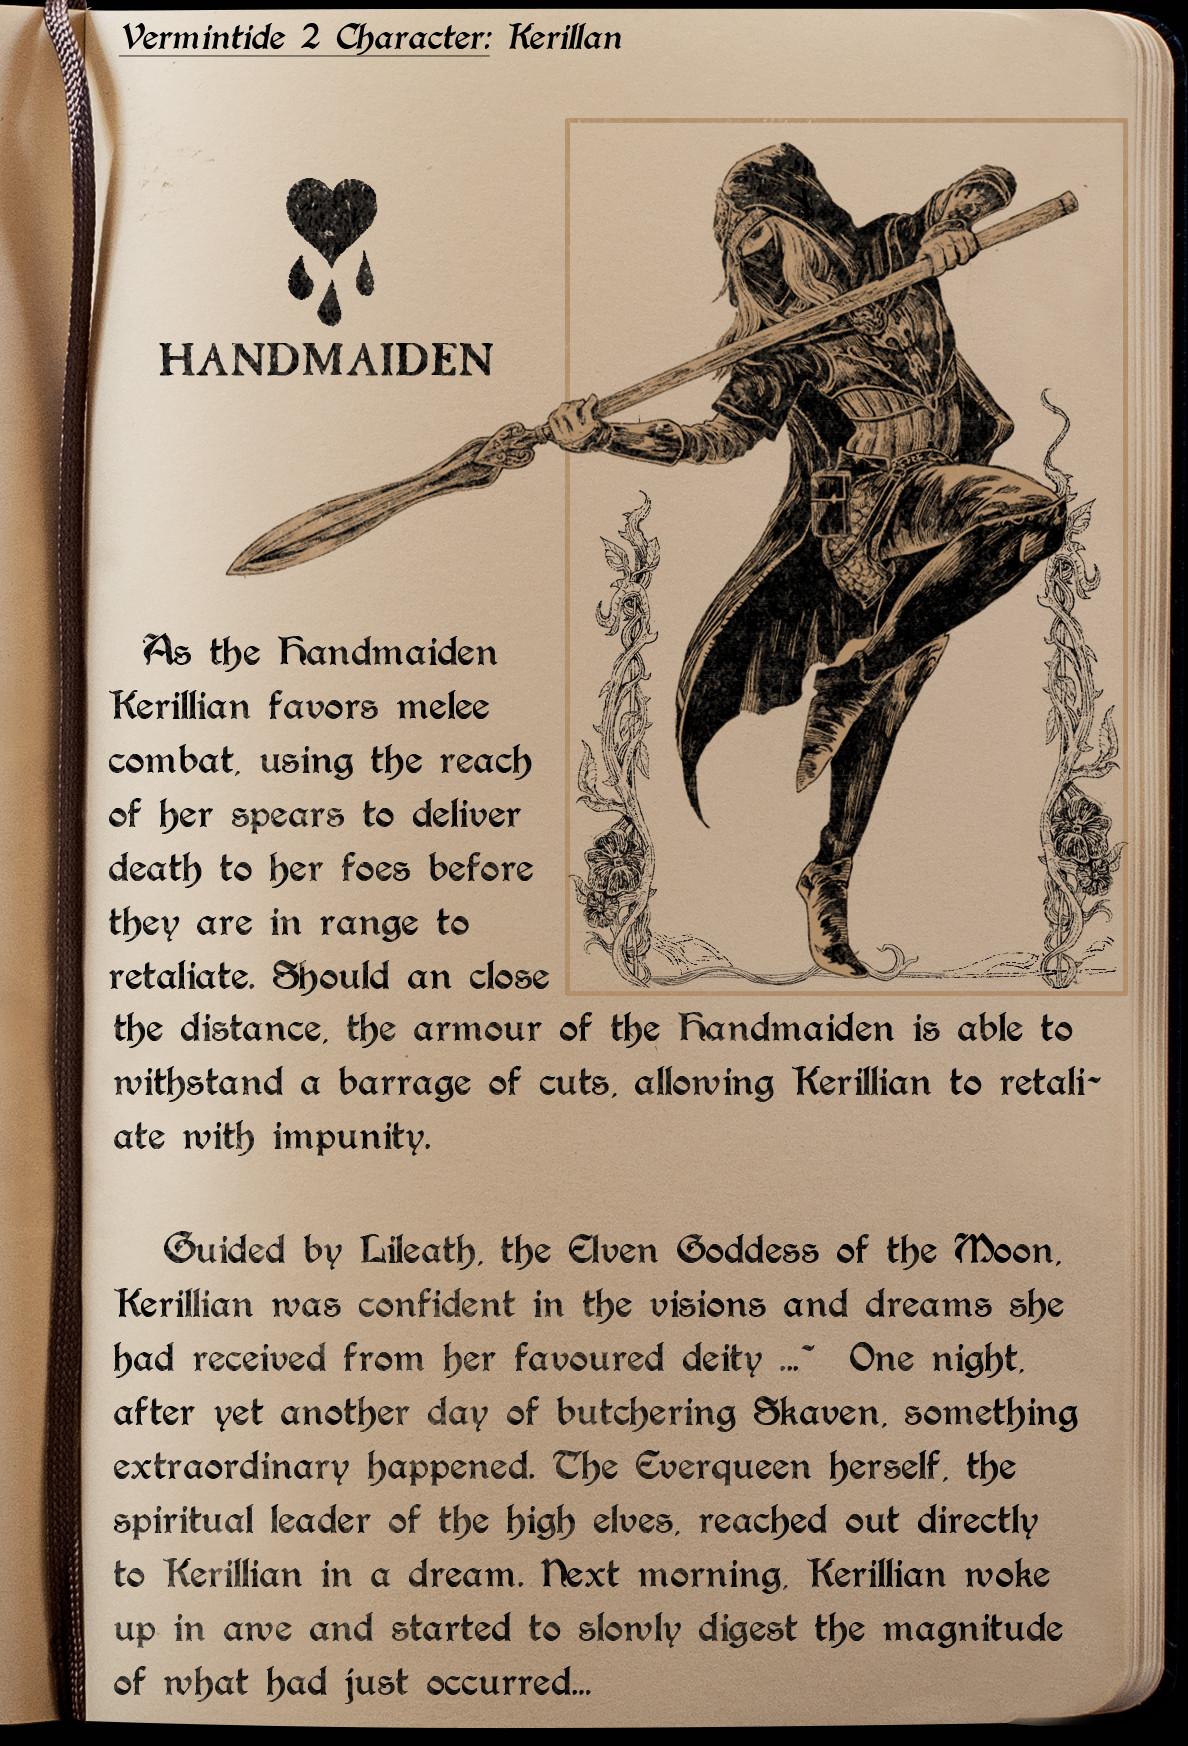 Handmaiden Lore